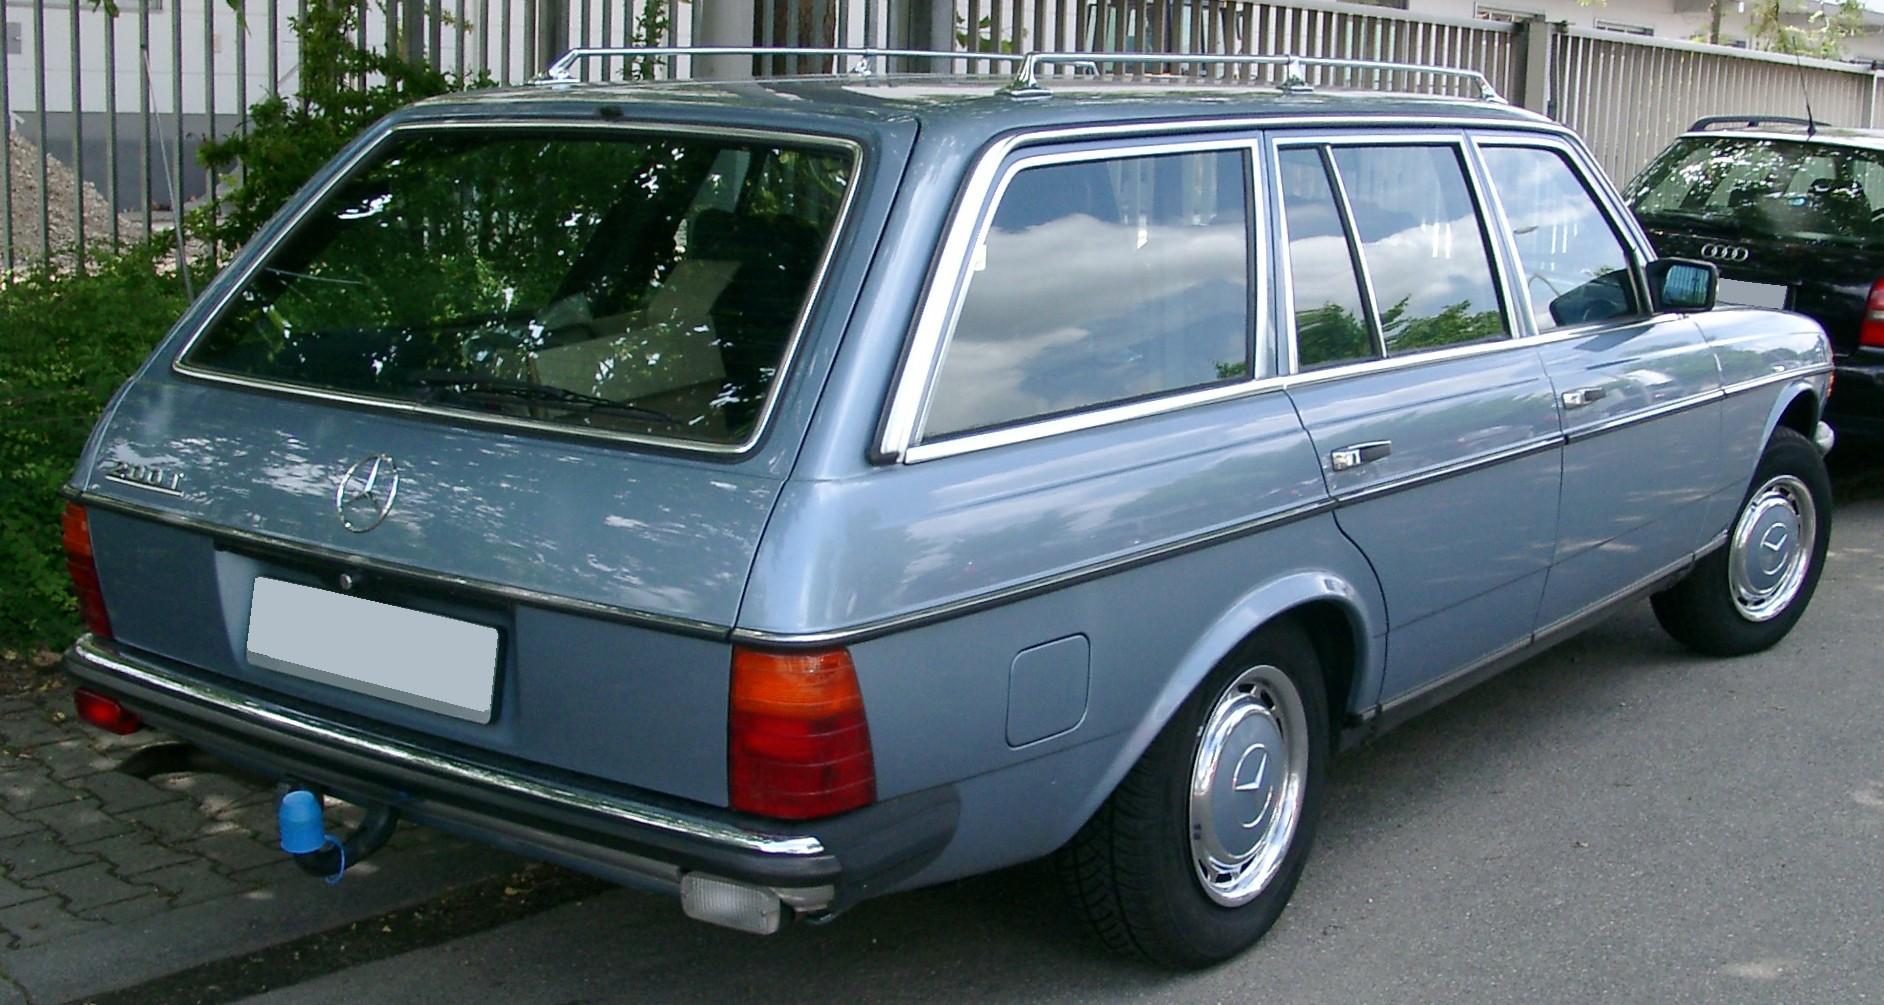 File Mercedes W123 T Modell Rear 20080603 Jpg Wikimedia Commons